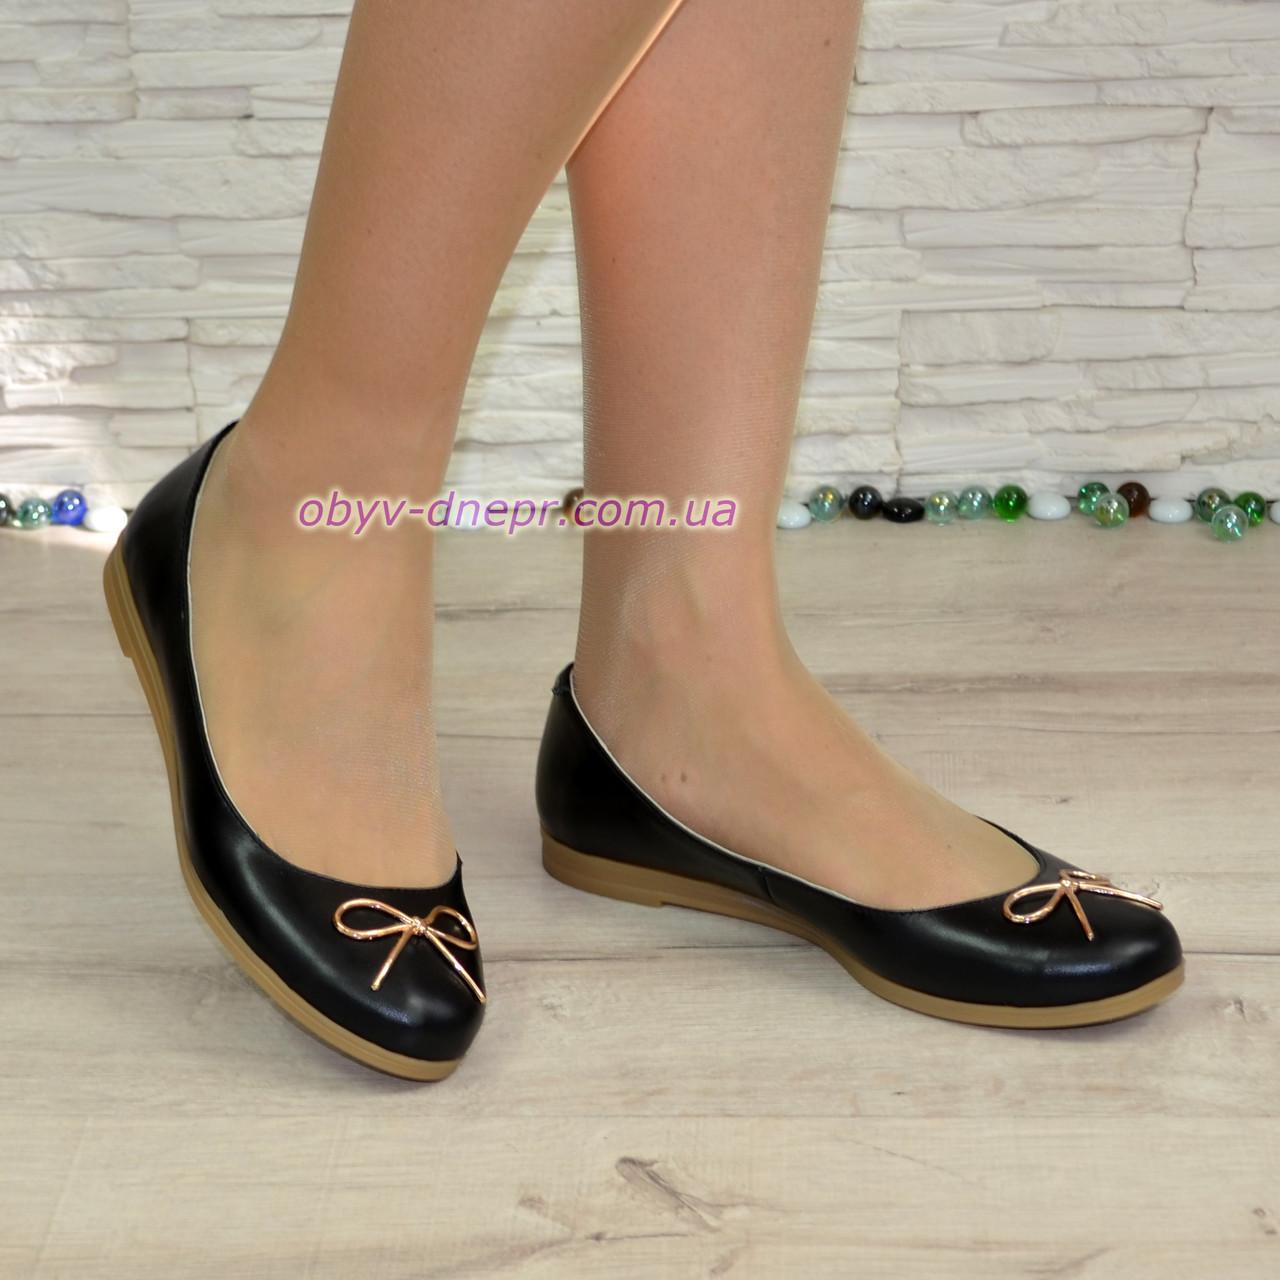 Туфли женские кожаные на низком ходу, цвет черный